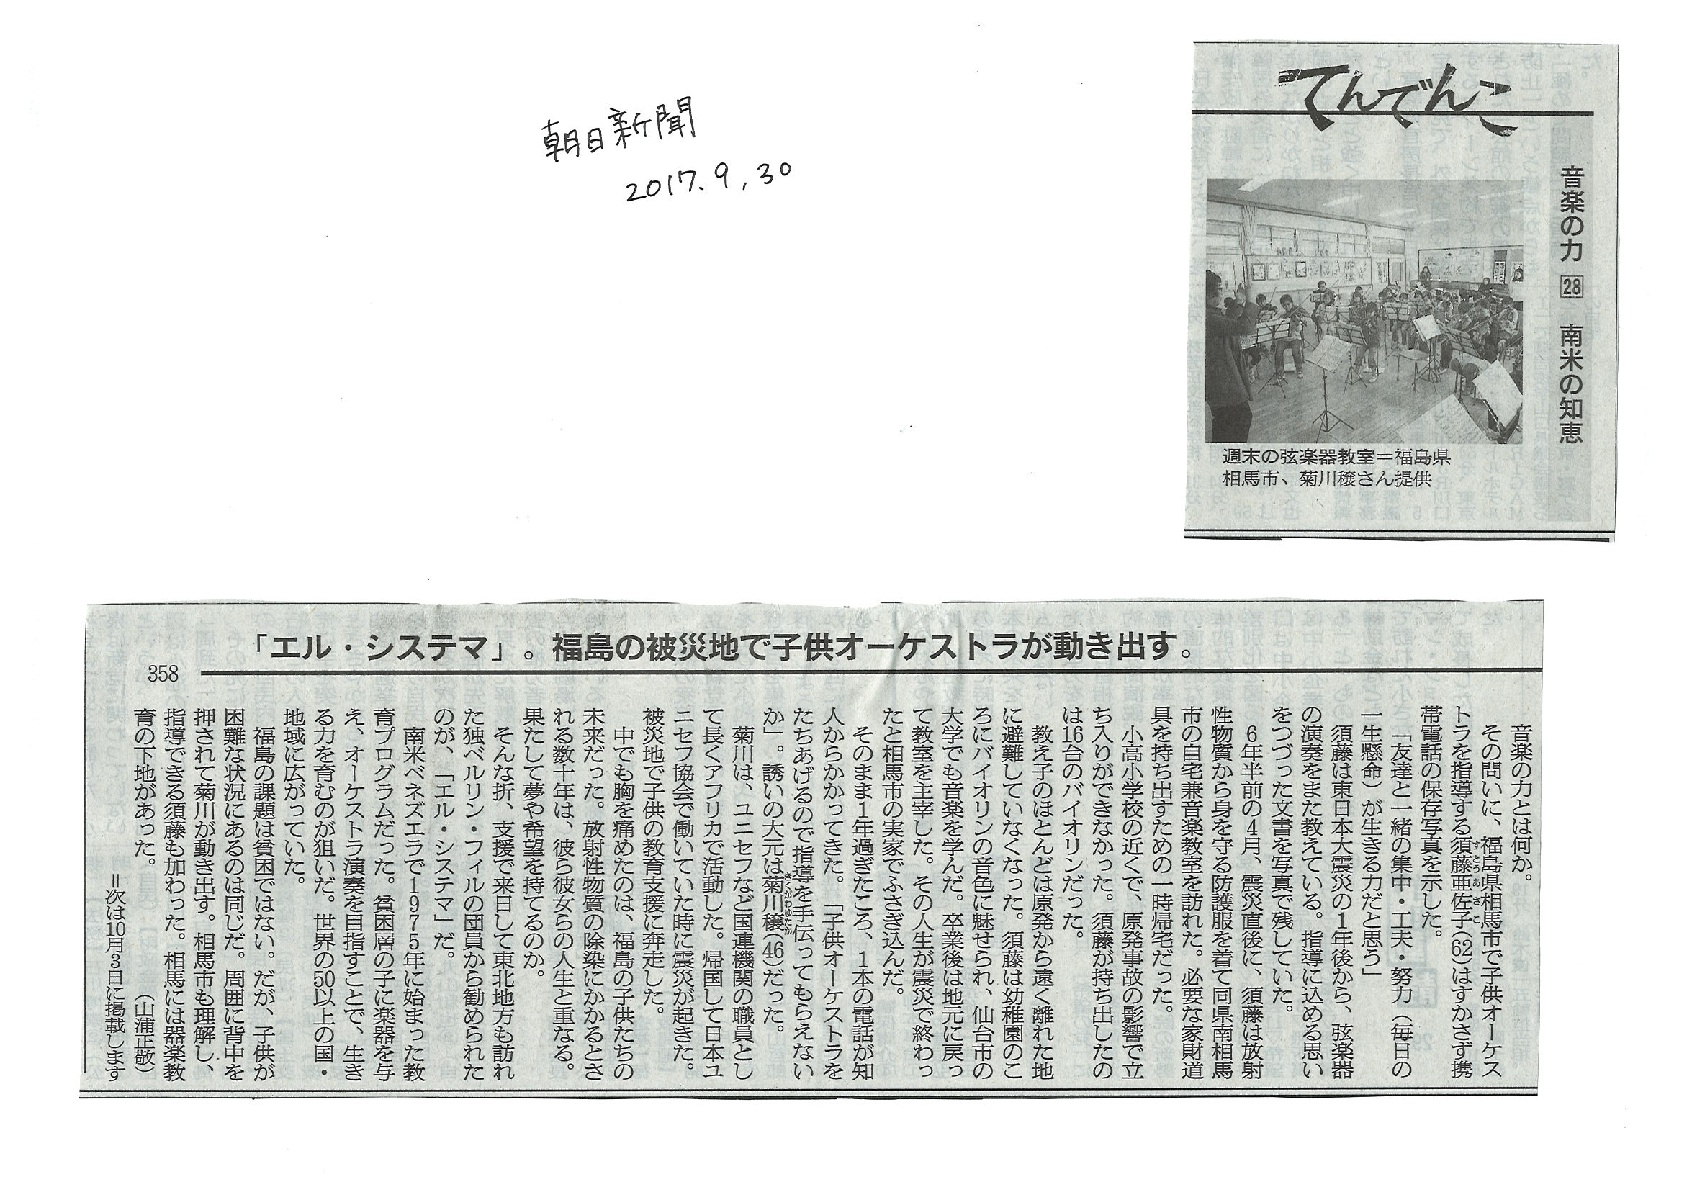 20170930朝日新聞(てんでんこ)